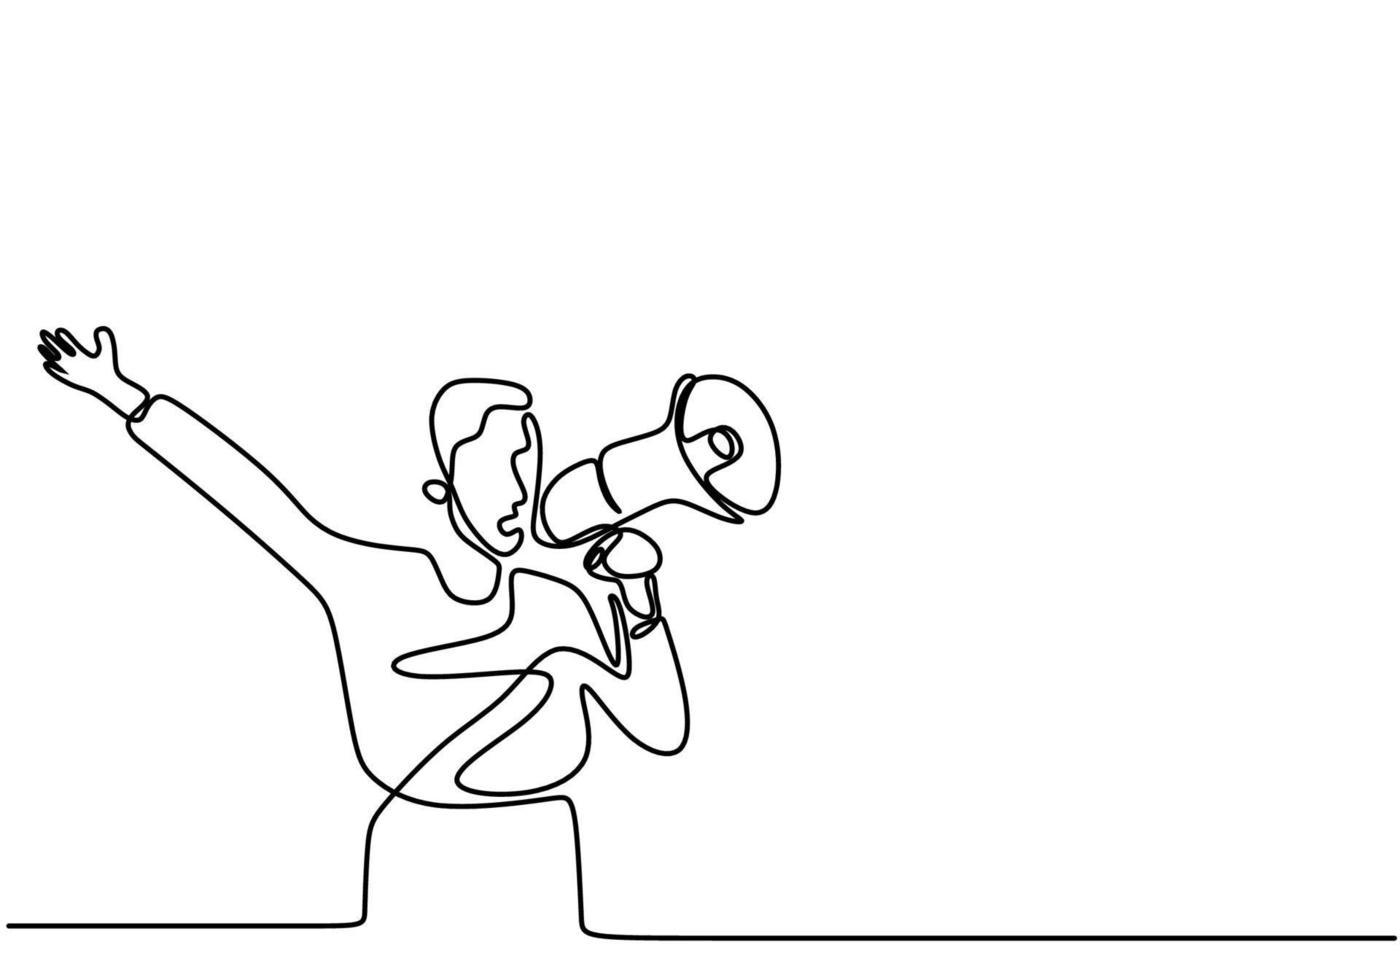 contínua uma linha desenhada um homem falando em um alto-falante. um homem falou animadamente enquanto segurava o megafone. o conceito de anúncio, advertência, oratória, eloqüência, declaração em voz alta, publicidade vetor